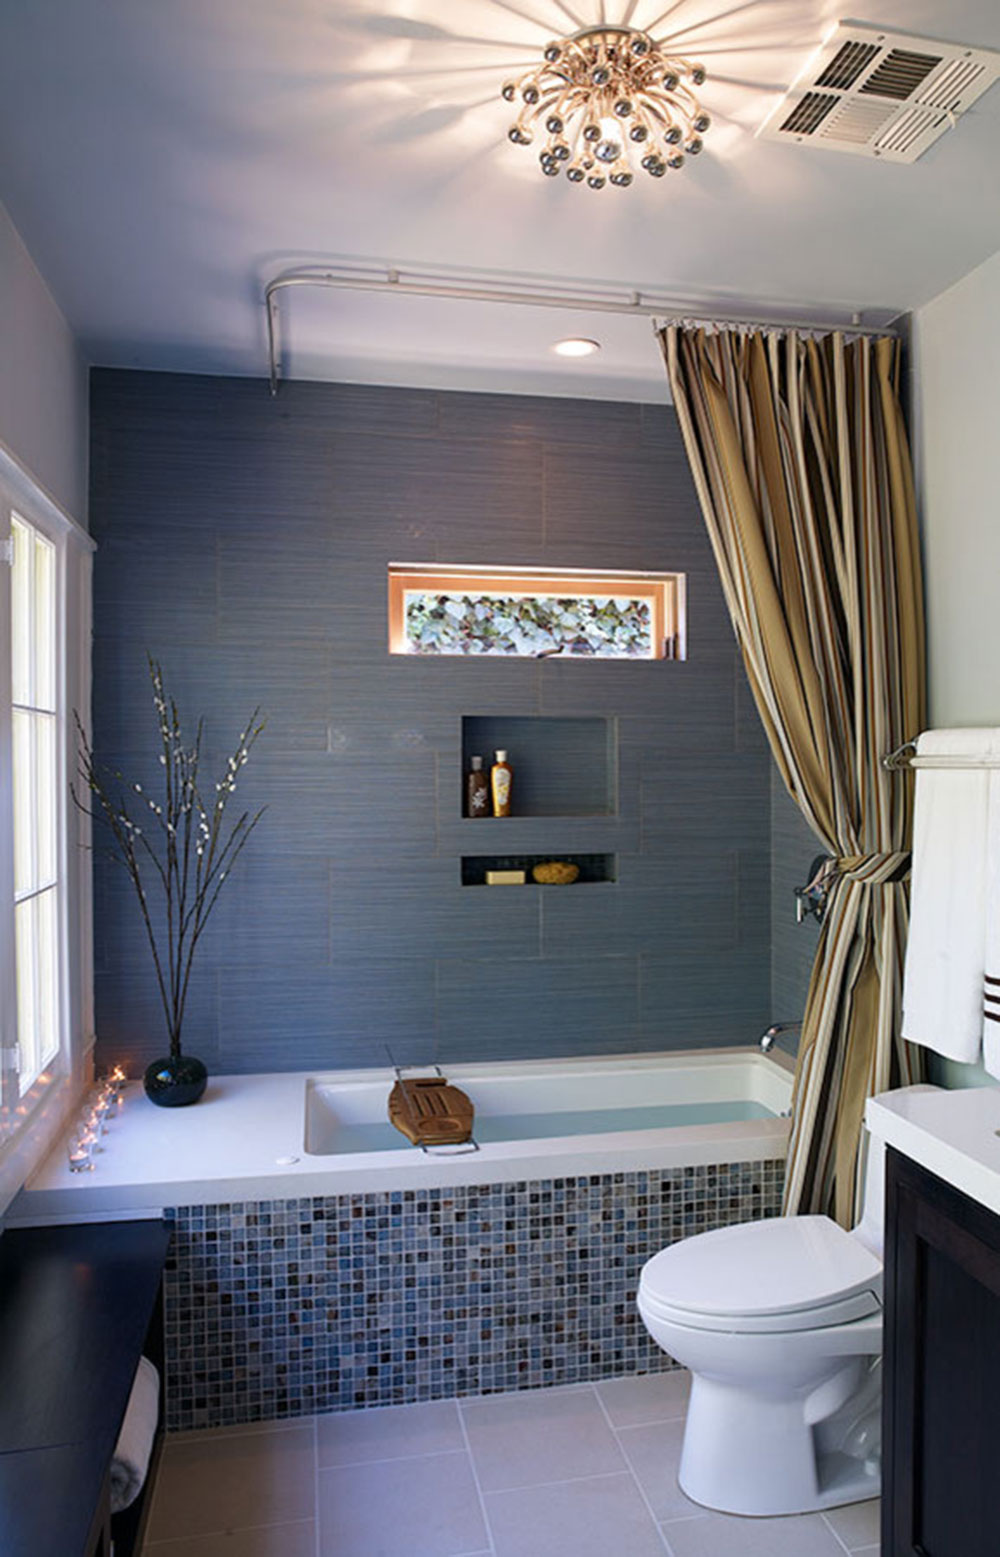 Förbättra ditt badrumsutseende med trendiga duschdraperier13 trendiga duschdraperier för ditt badrum